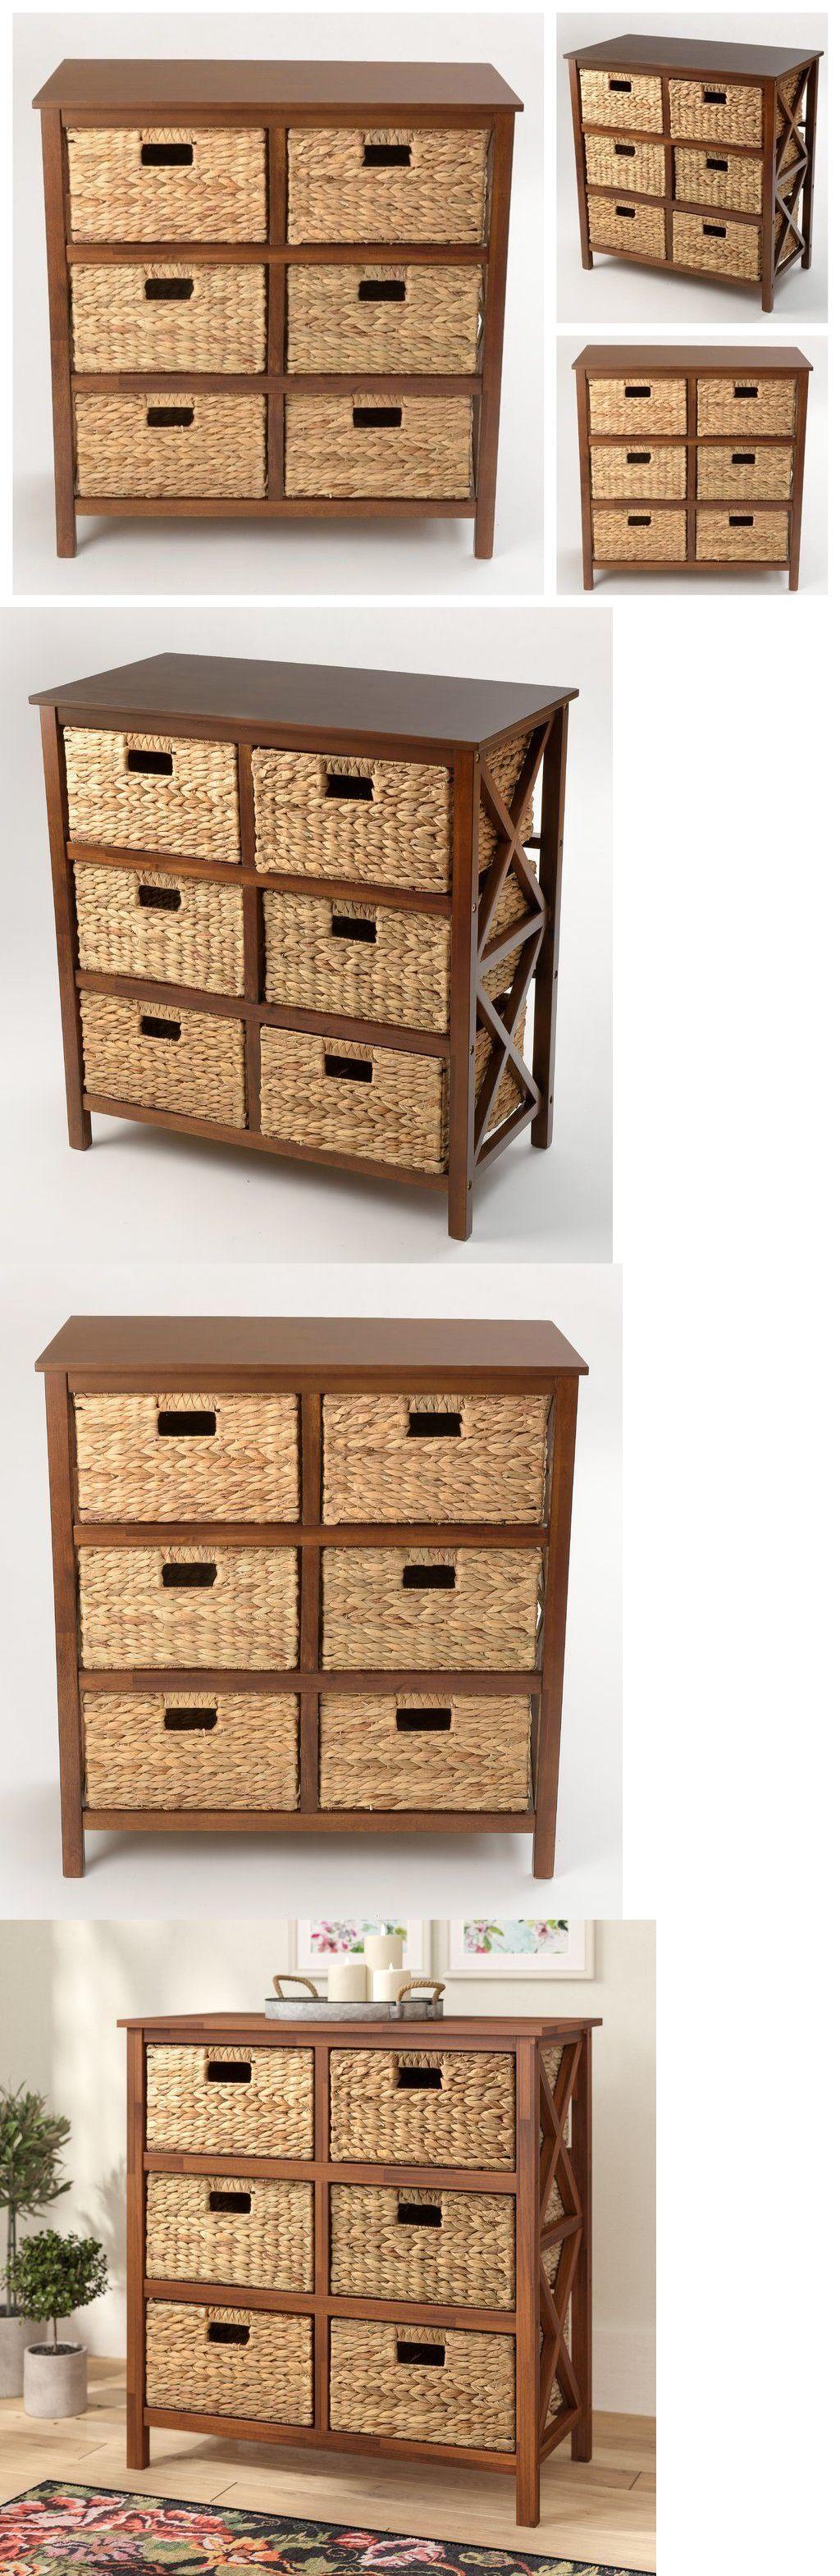 Storage Chest Drawers Wood Trunk Accent Cabinet Woven Basket Organizer Dresser